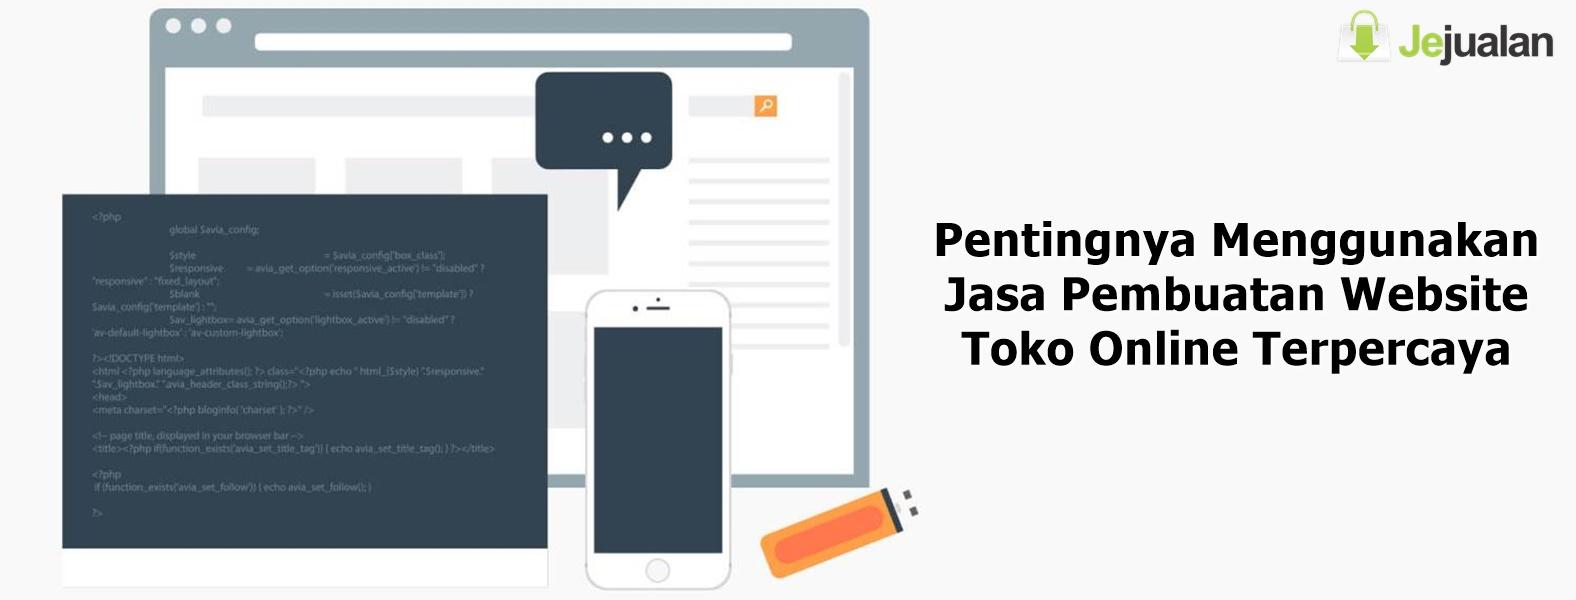 Pentingnya Menggunakan Jasa Pembuatan Website Toko Online Terpercaya